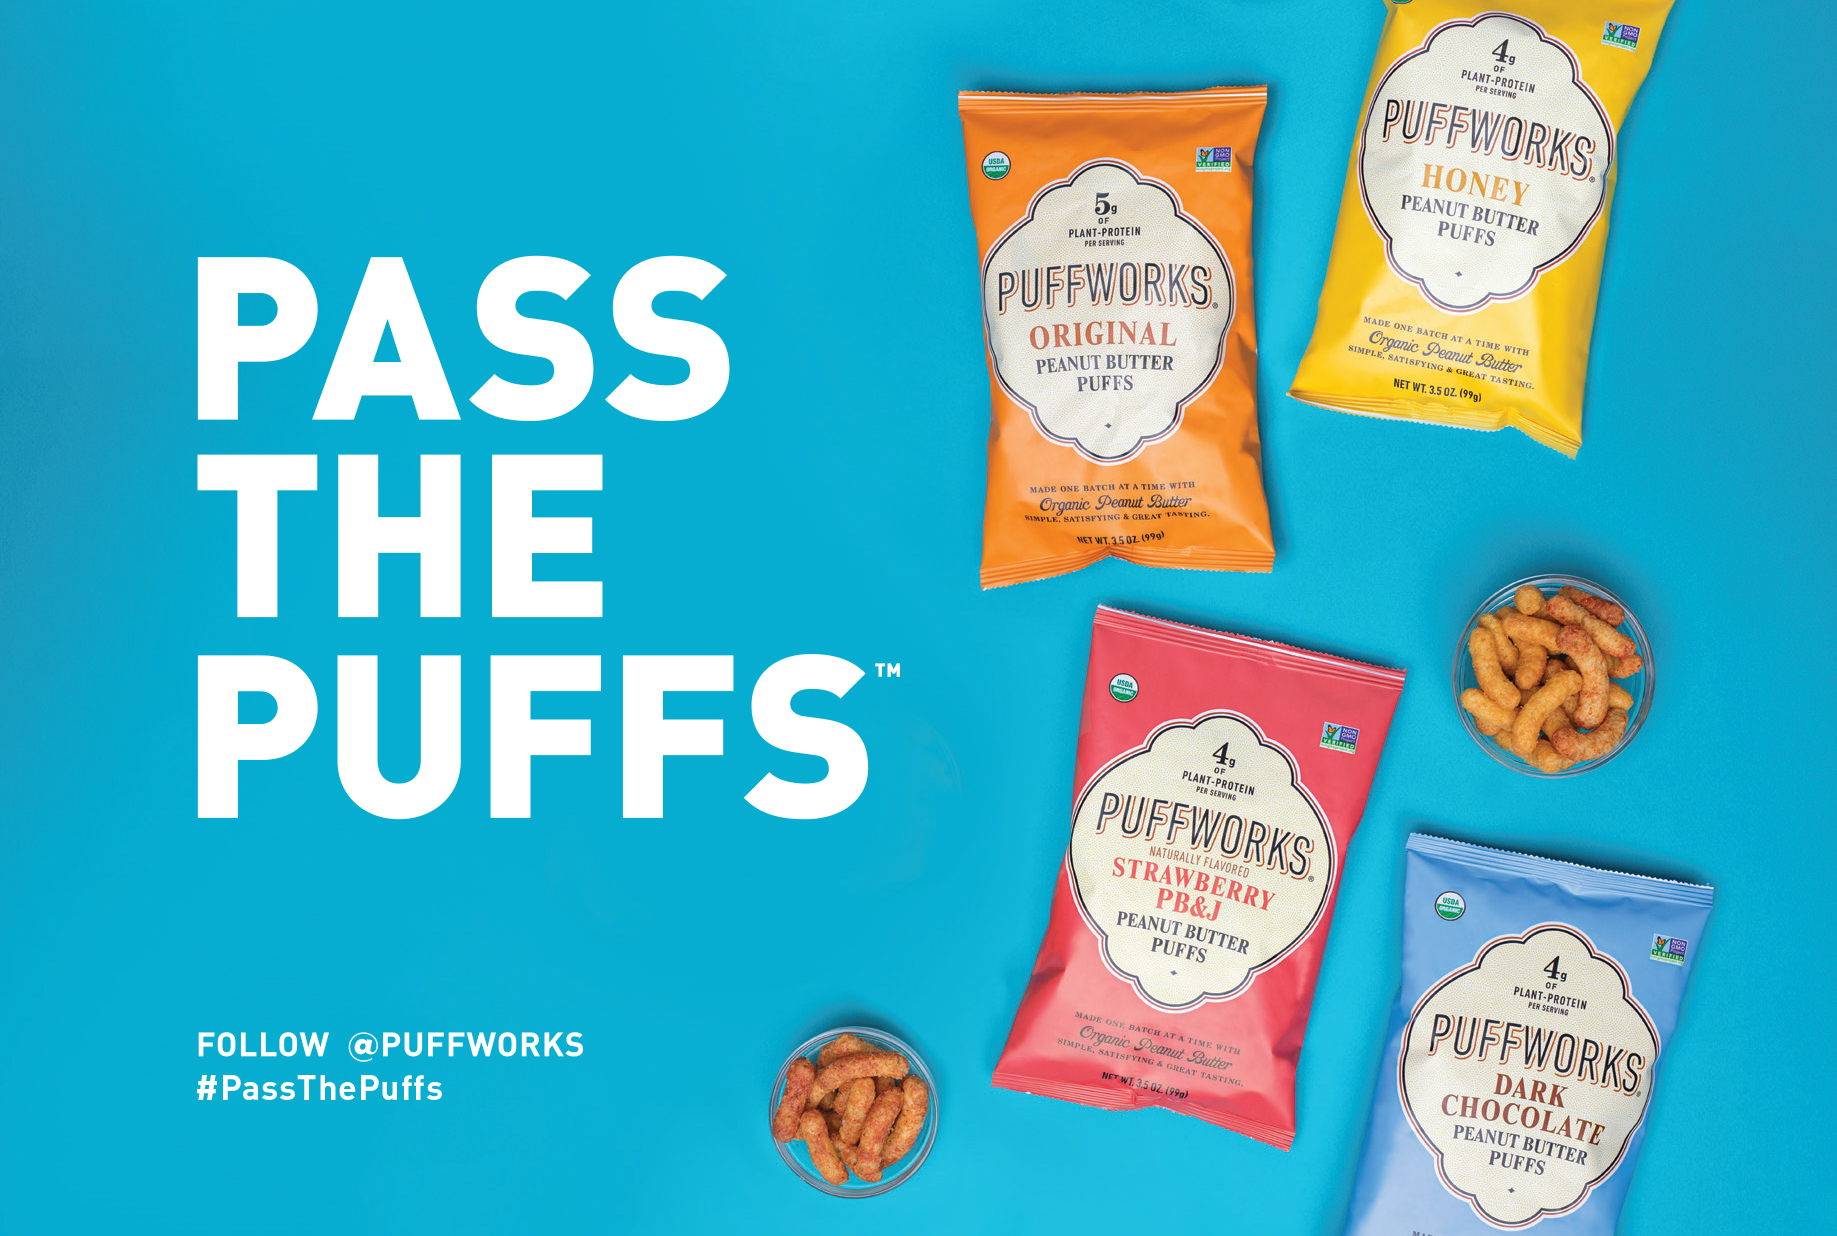 Pass the Puffs